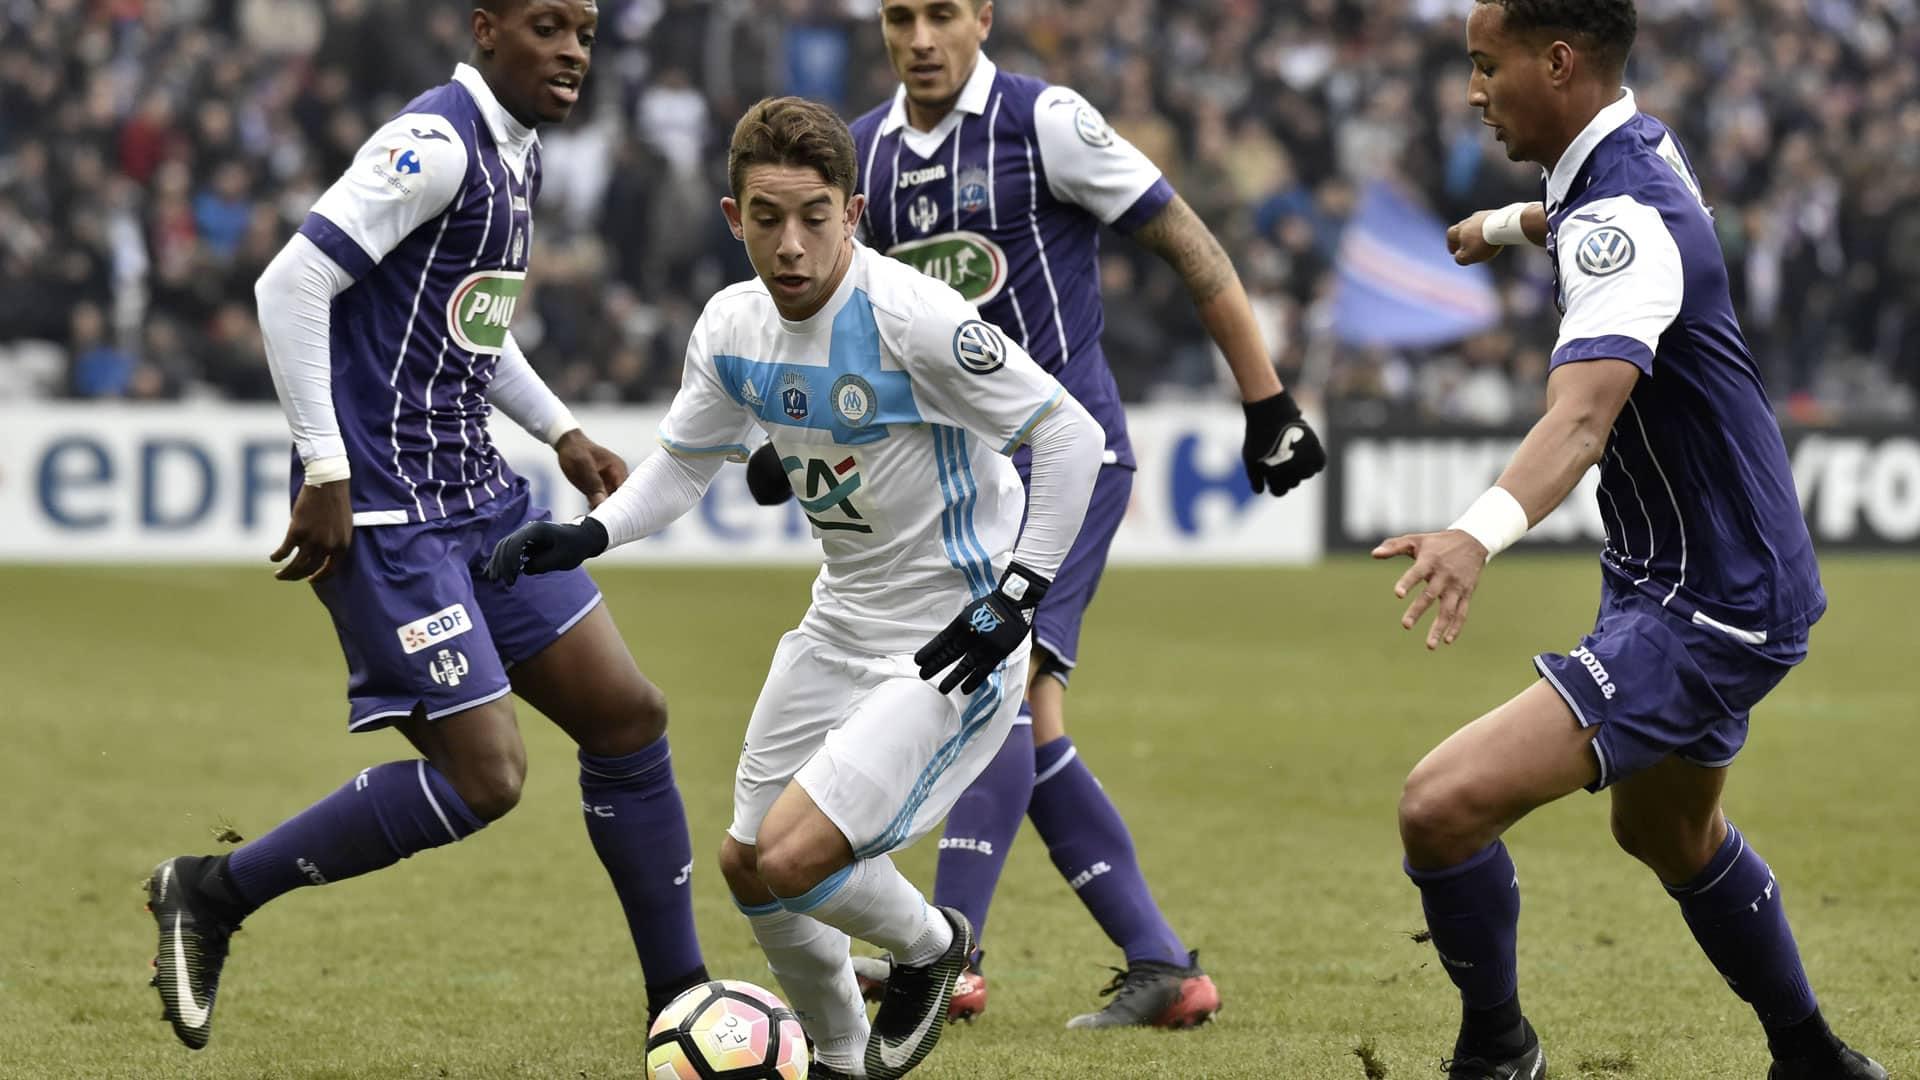 Maillot Domicile Olympique de Marseille Maxime LOPEZ